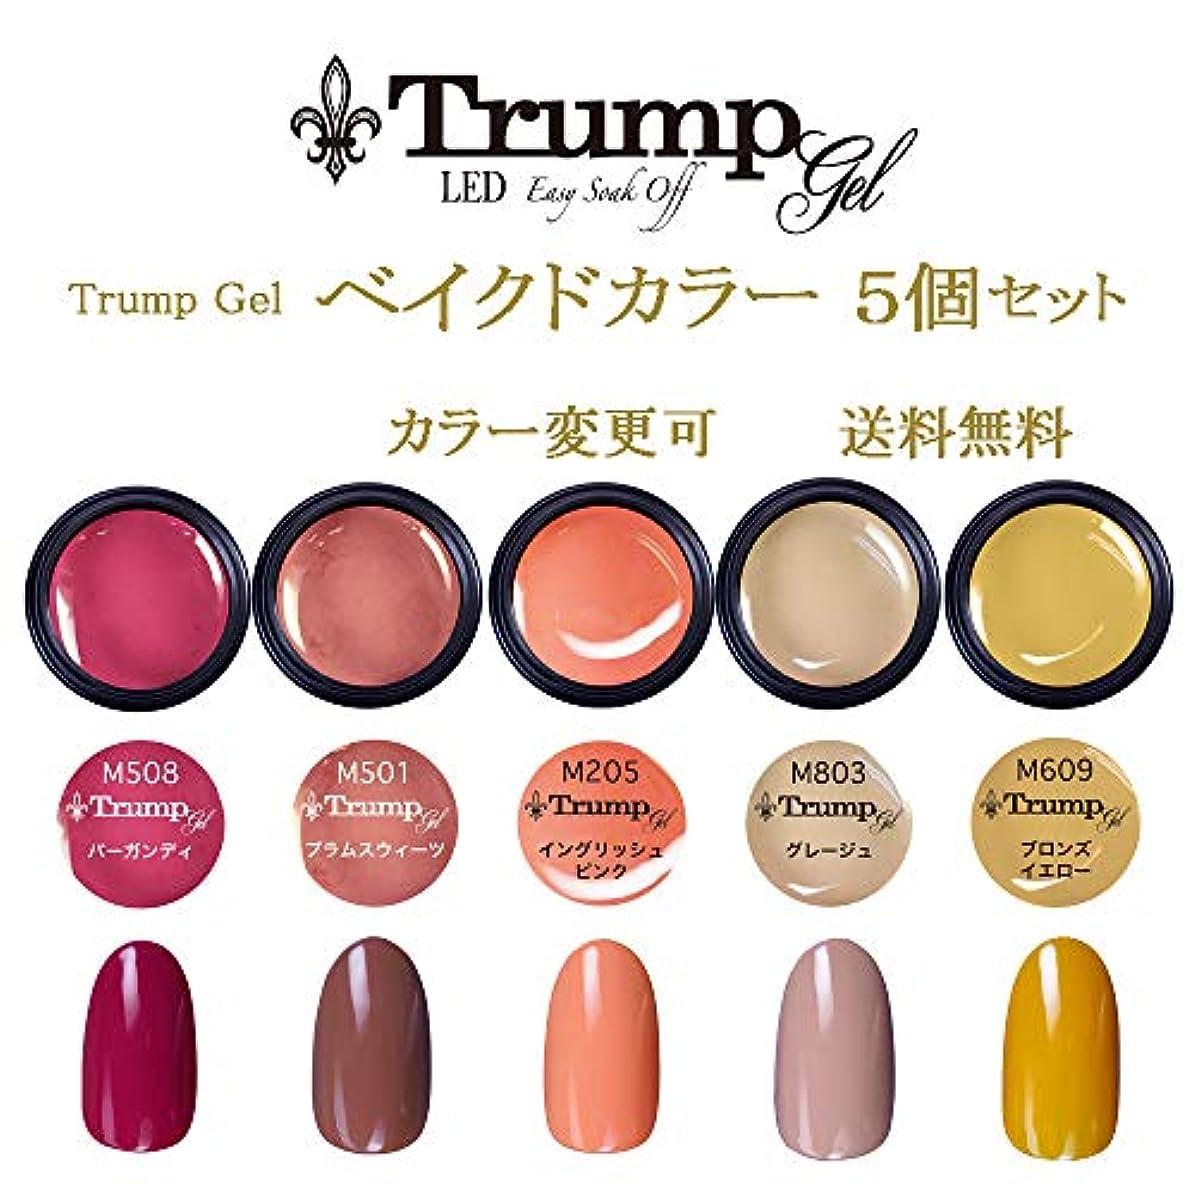 添付作家追跡【送料無料】日本製 Trump gel トランプジェル ベイクドカラー 選べる カラージェル 5個セット ミルキーネイル ベージュ オレンジ カラー